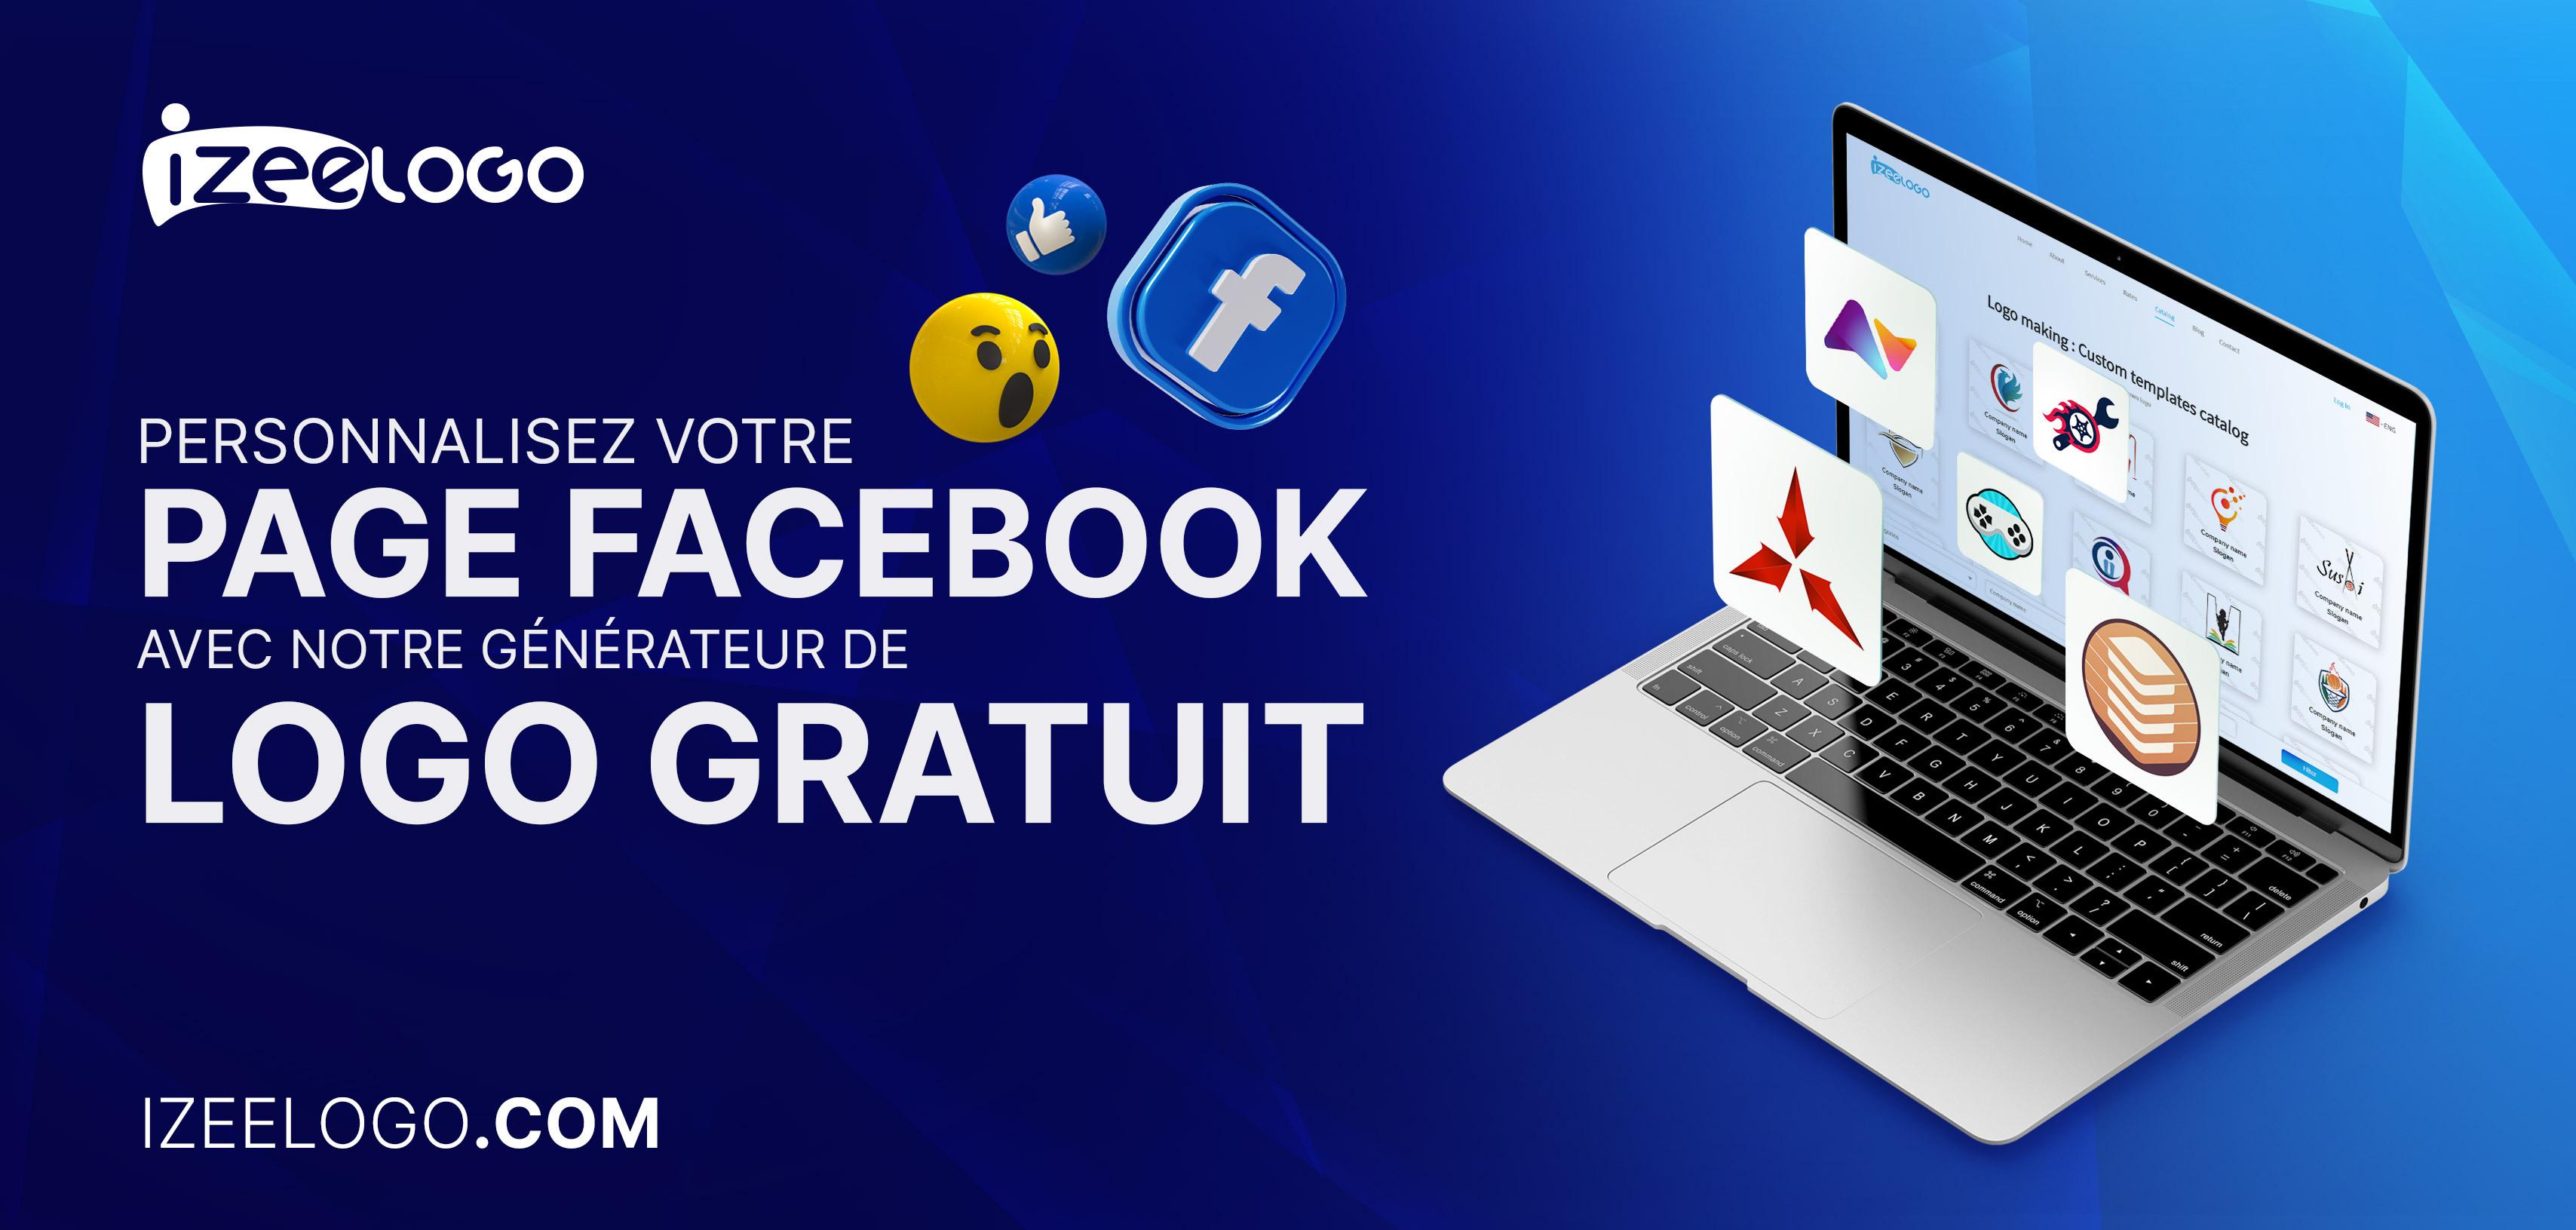 Personnalisez votre page Facebook avec notre générateur de logo gratuit.